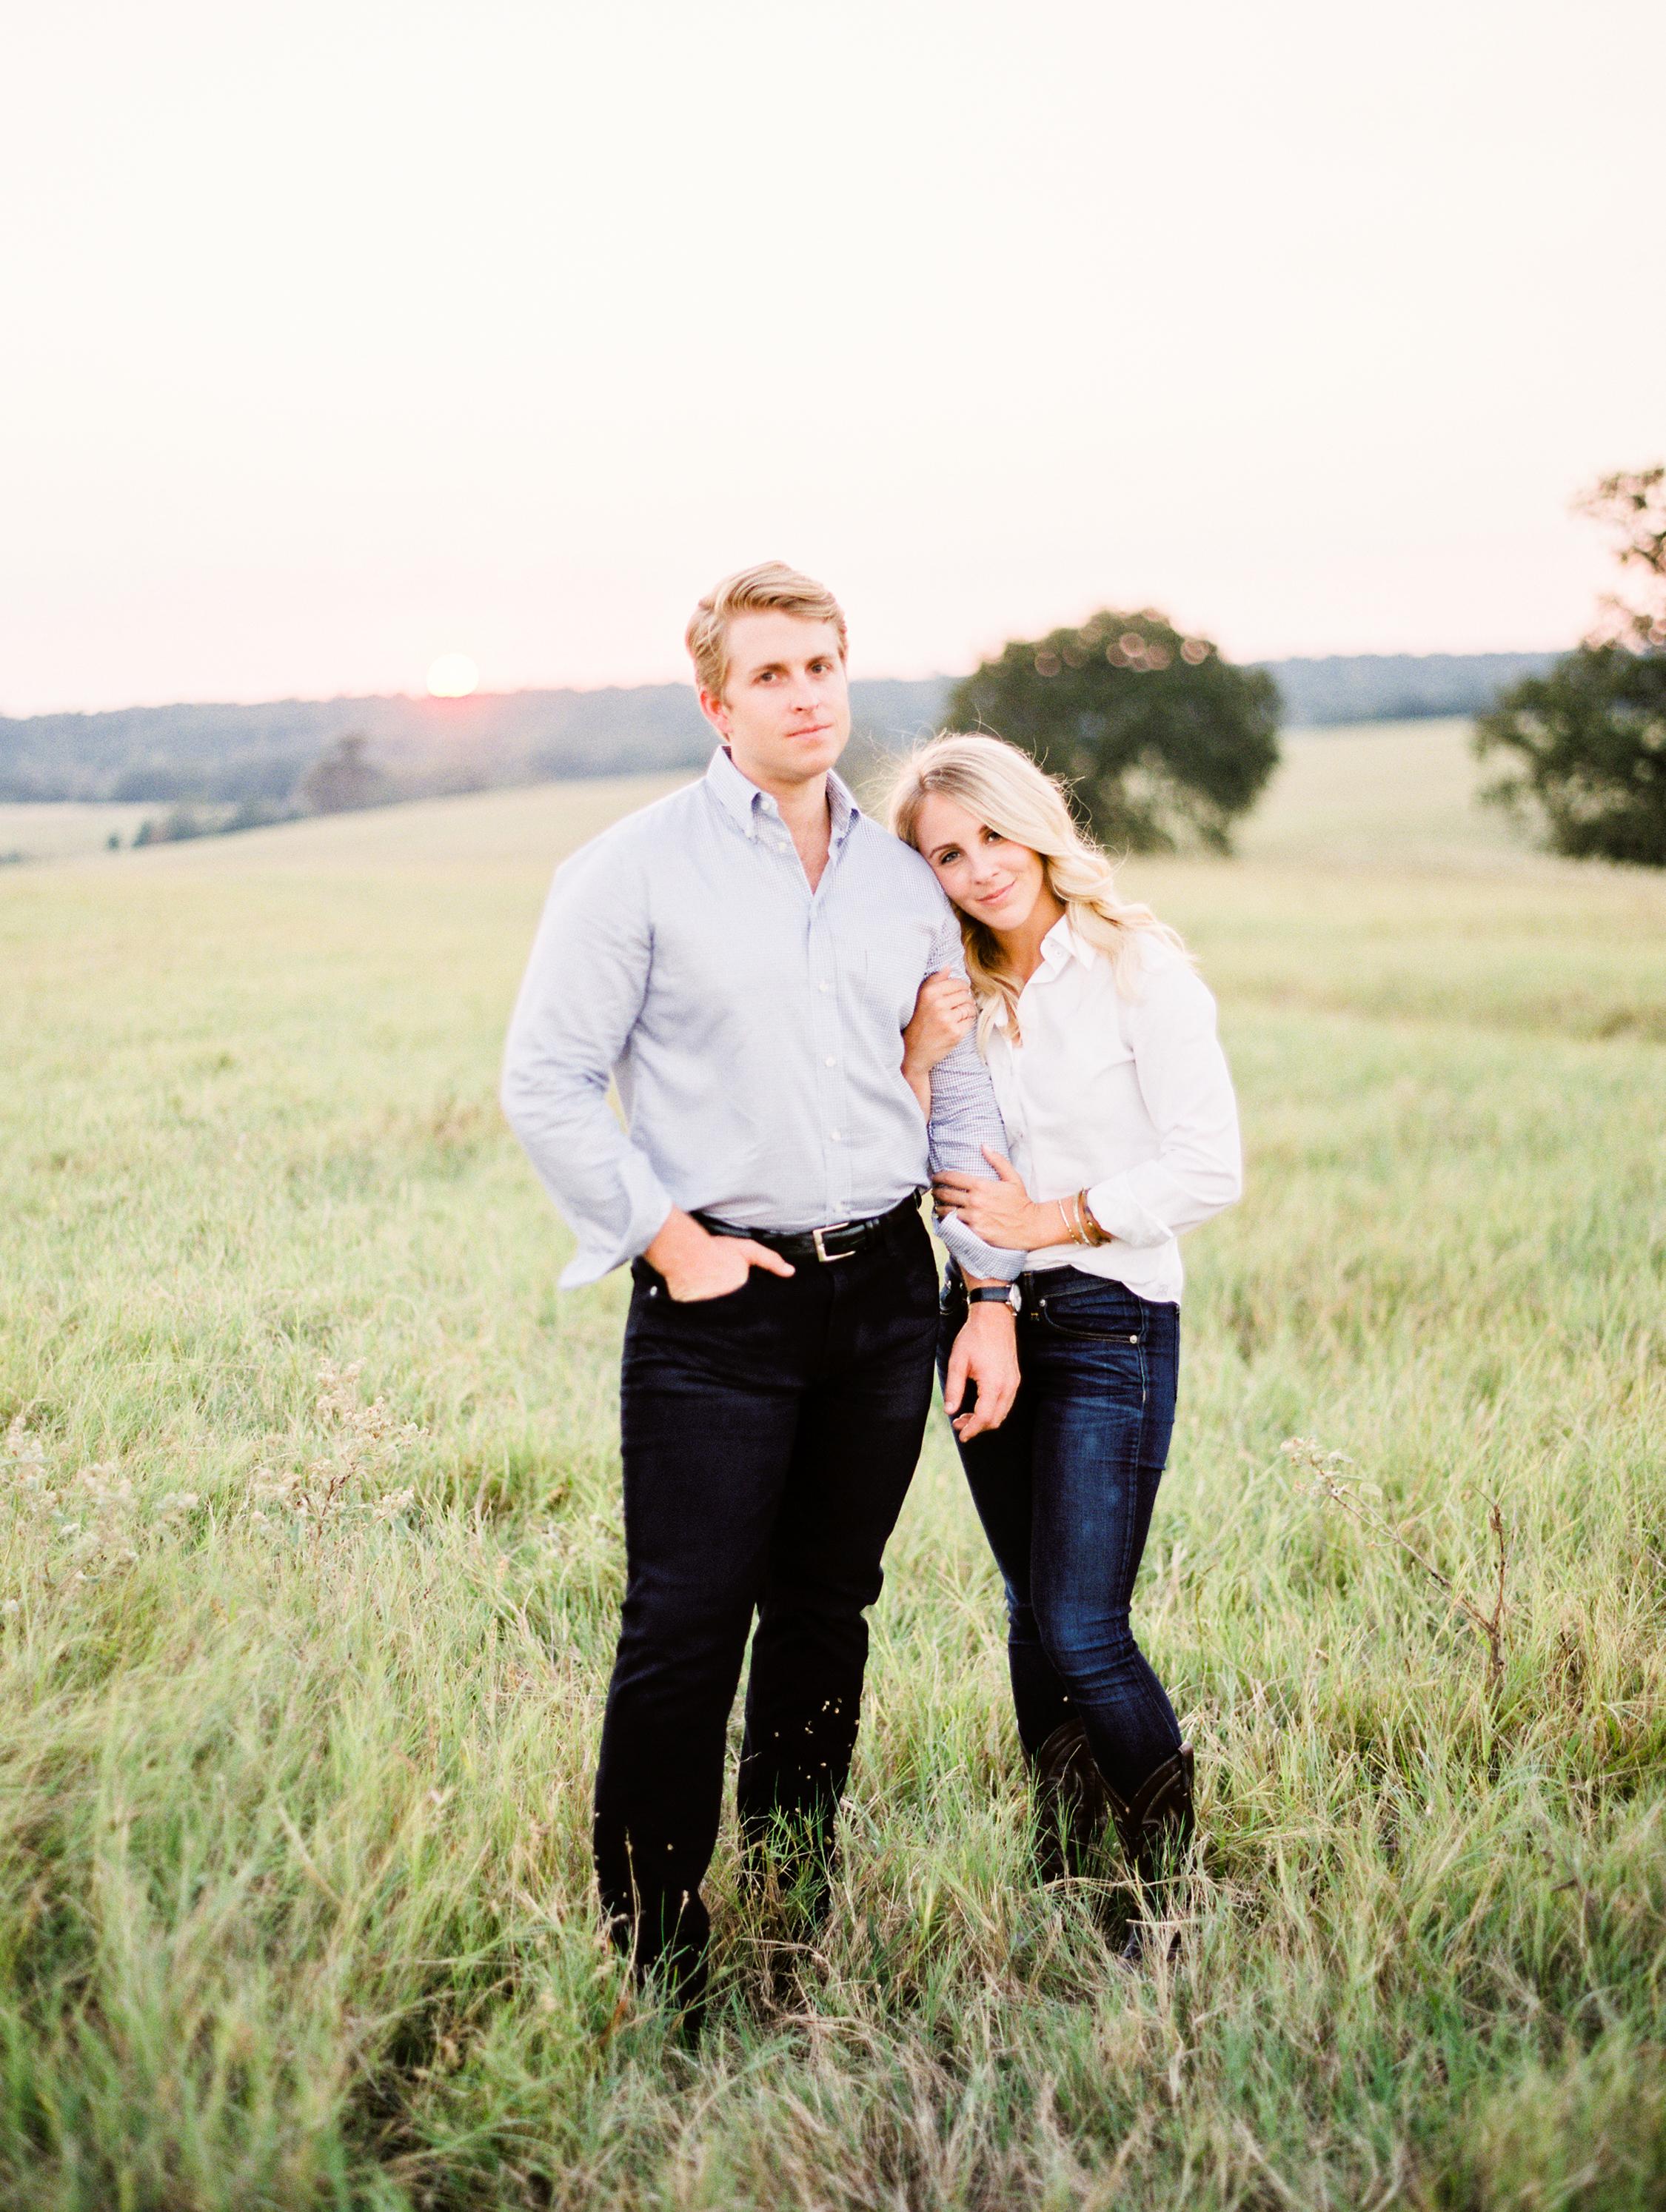 Lauren+John+Engaged+TX-98.jpg